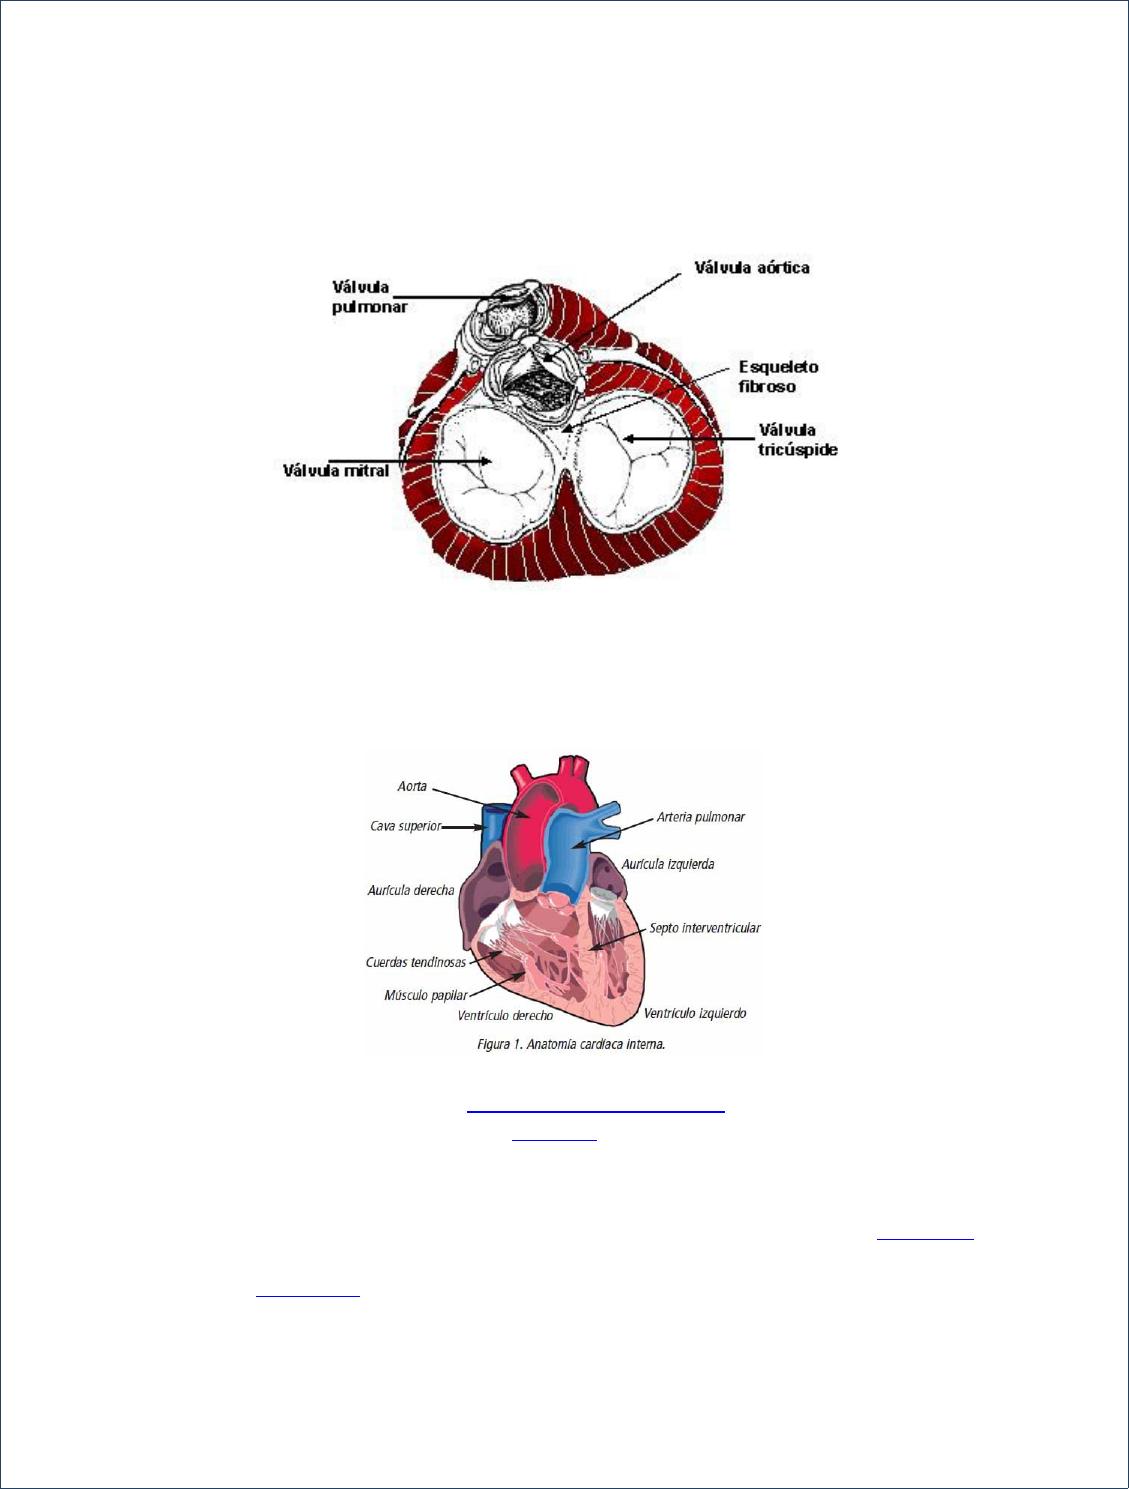 Esqueleto Cardiaco - Documents   Histología   Pinterest   Pinturas